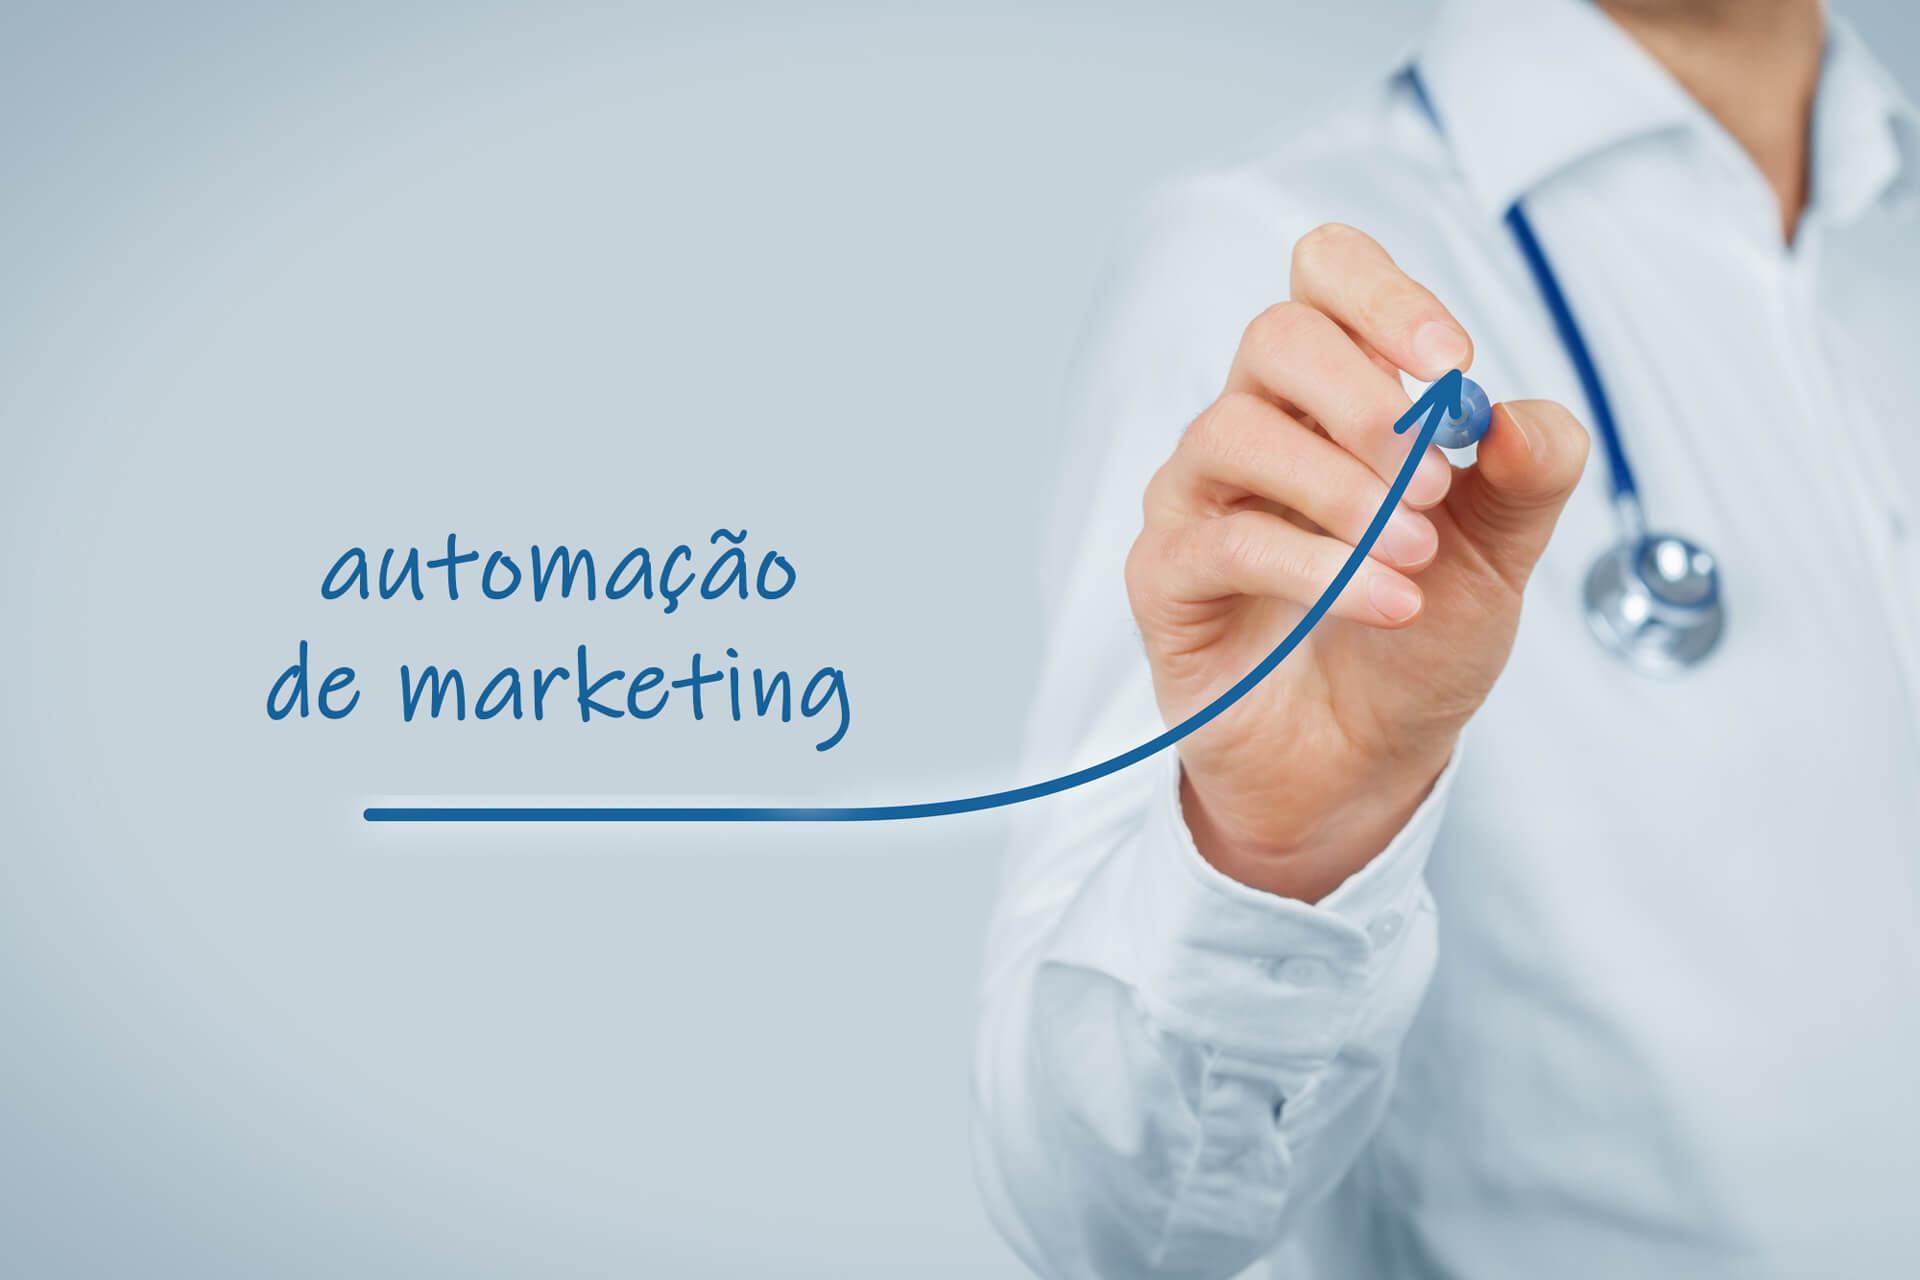 4 dicas fundamentais sobre automação de marketing para médicos